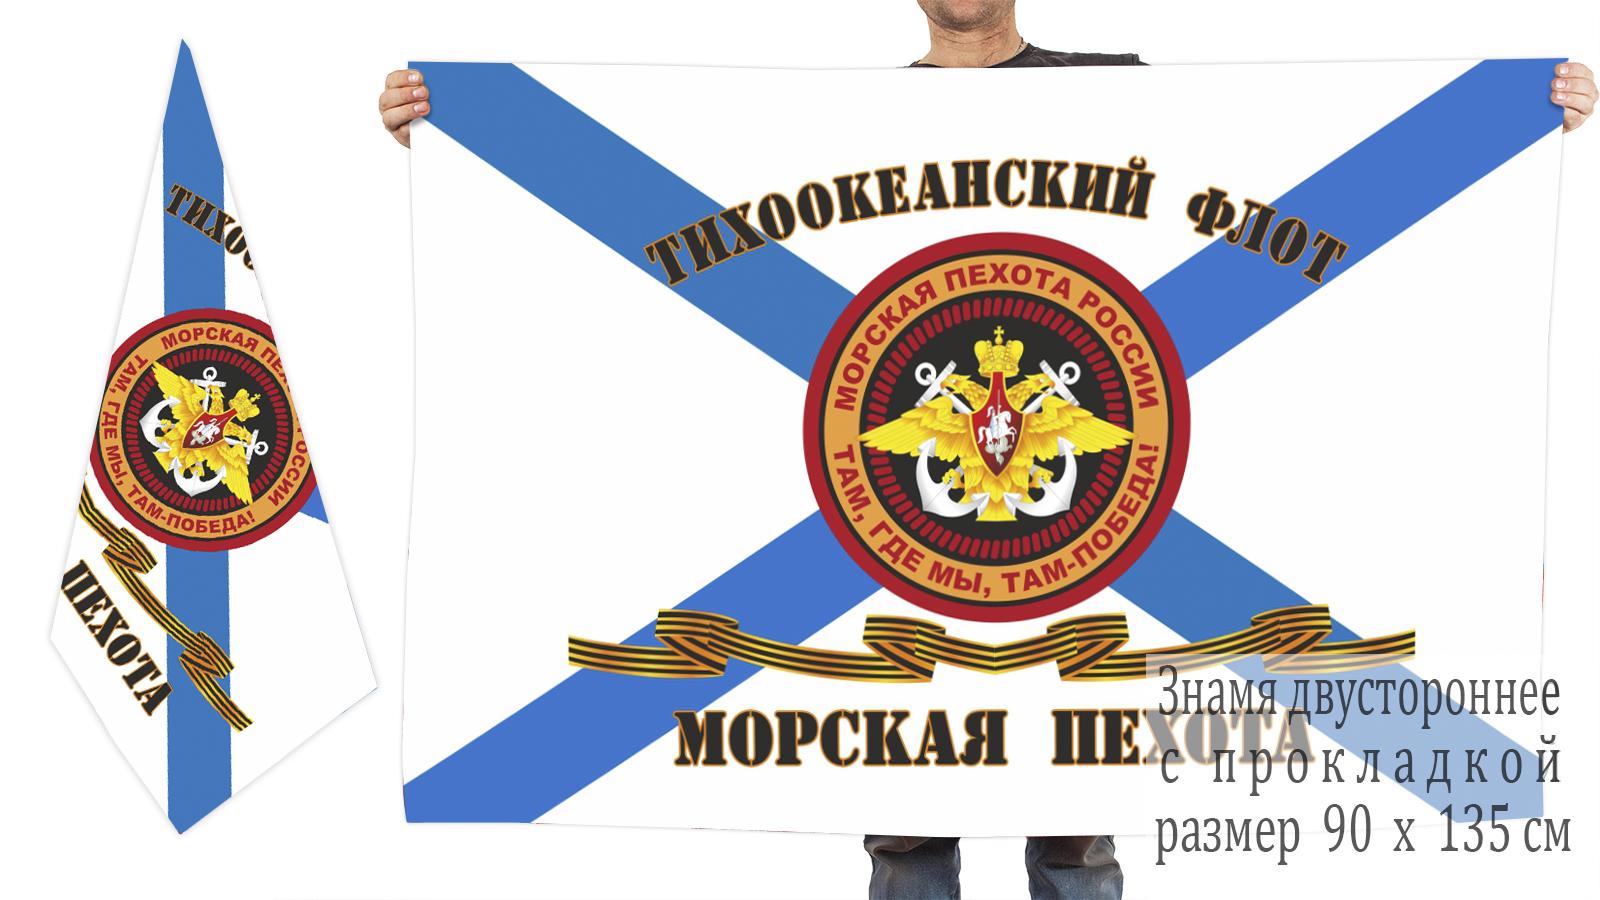 Гвардейский флаг Морпехов ТОФ